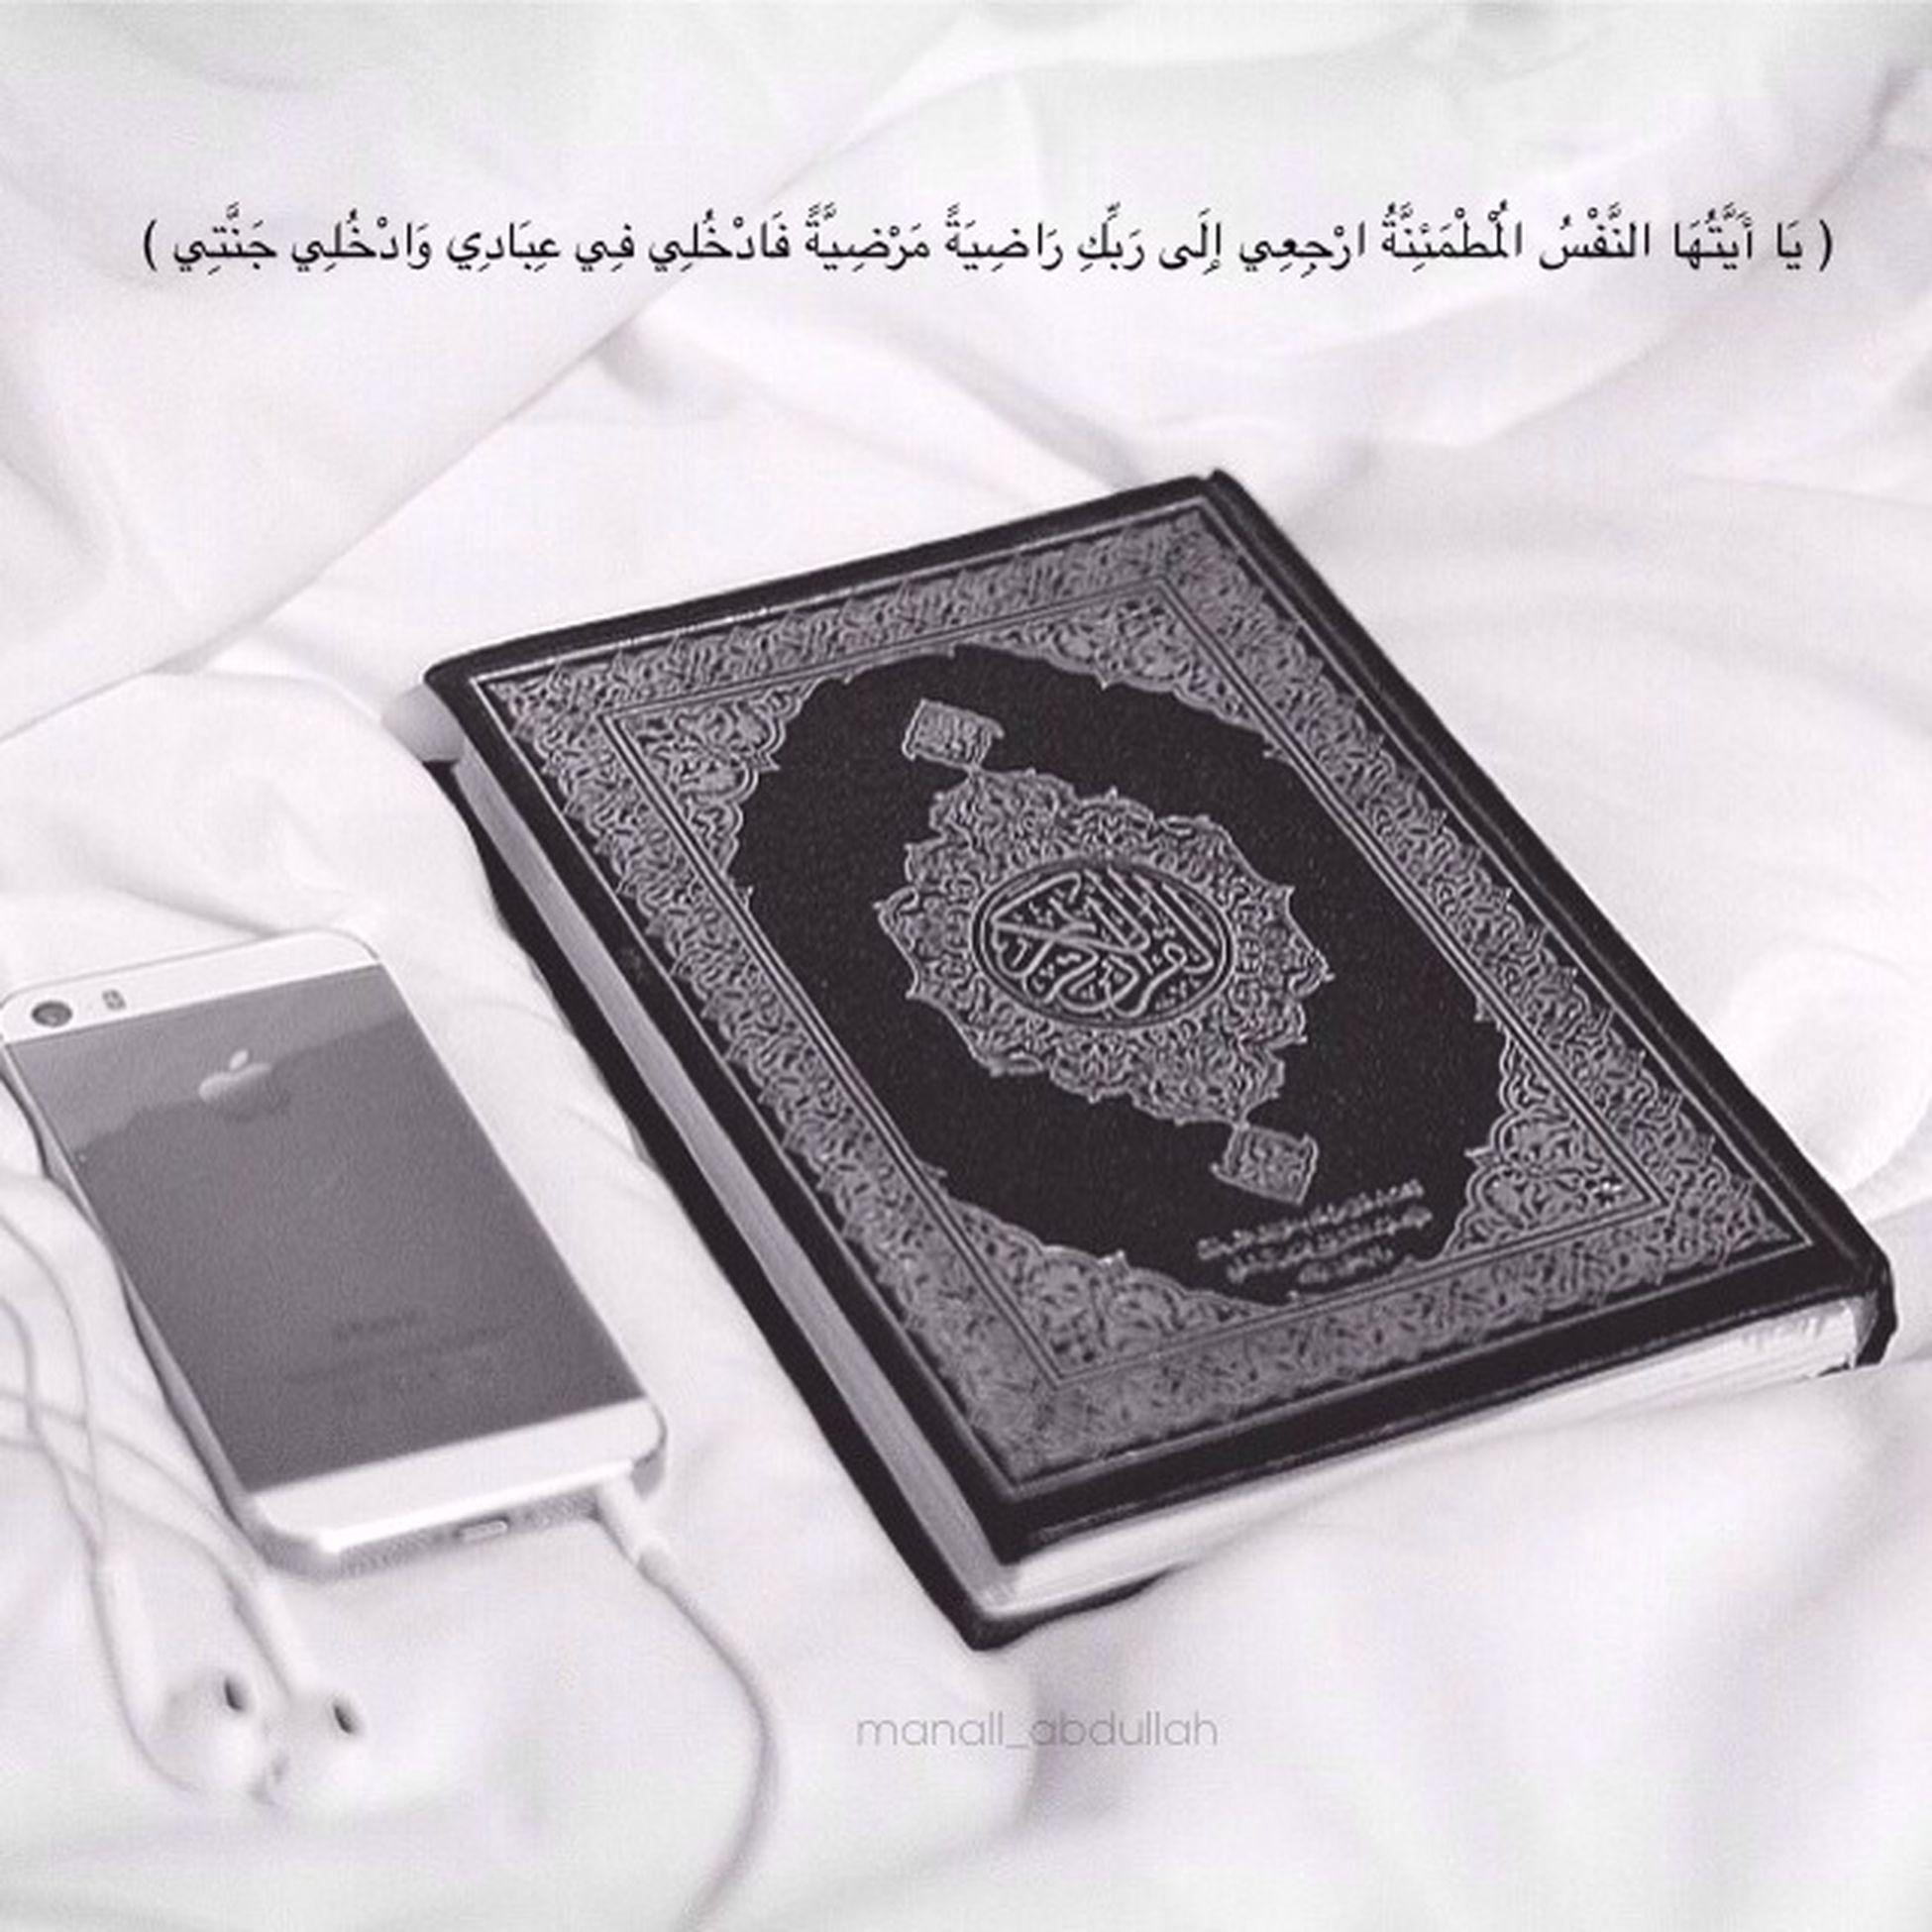 تصويري  حسابي الانستقرام Manall_abdullah